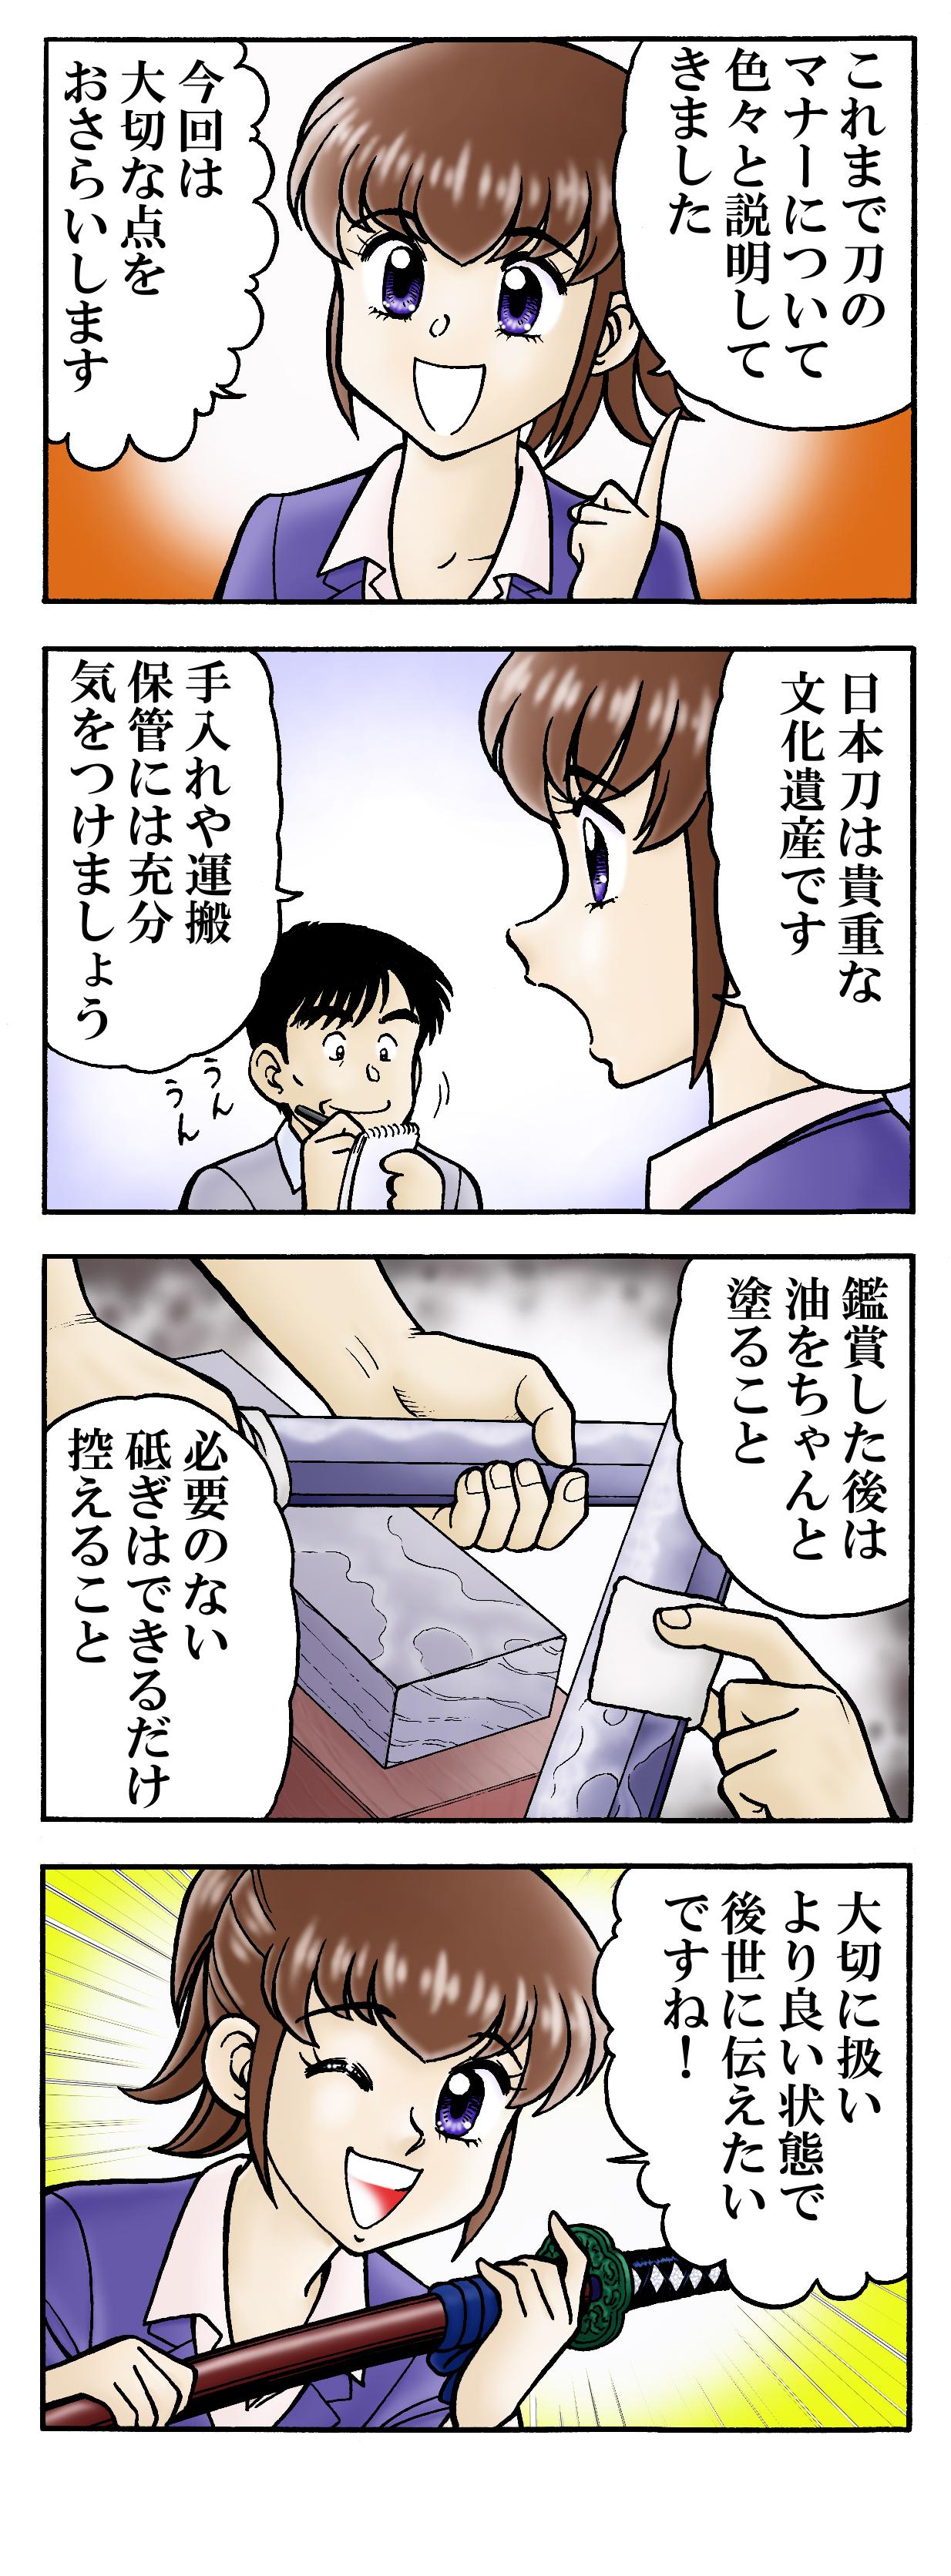 日本美術刀剣保存協会 静岡県支部刀剣マナー講座その12「刀をお手入れするときの注意」